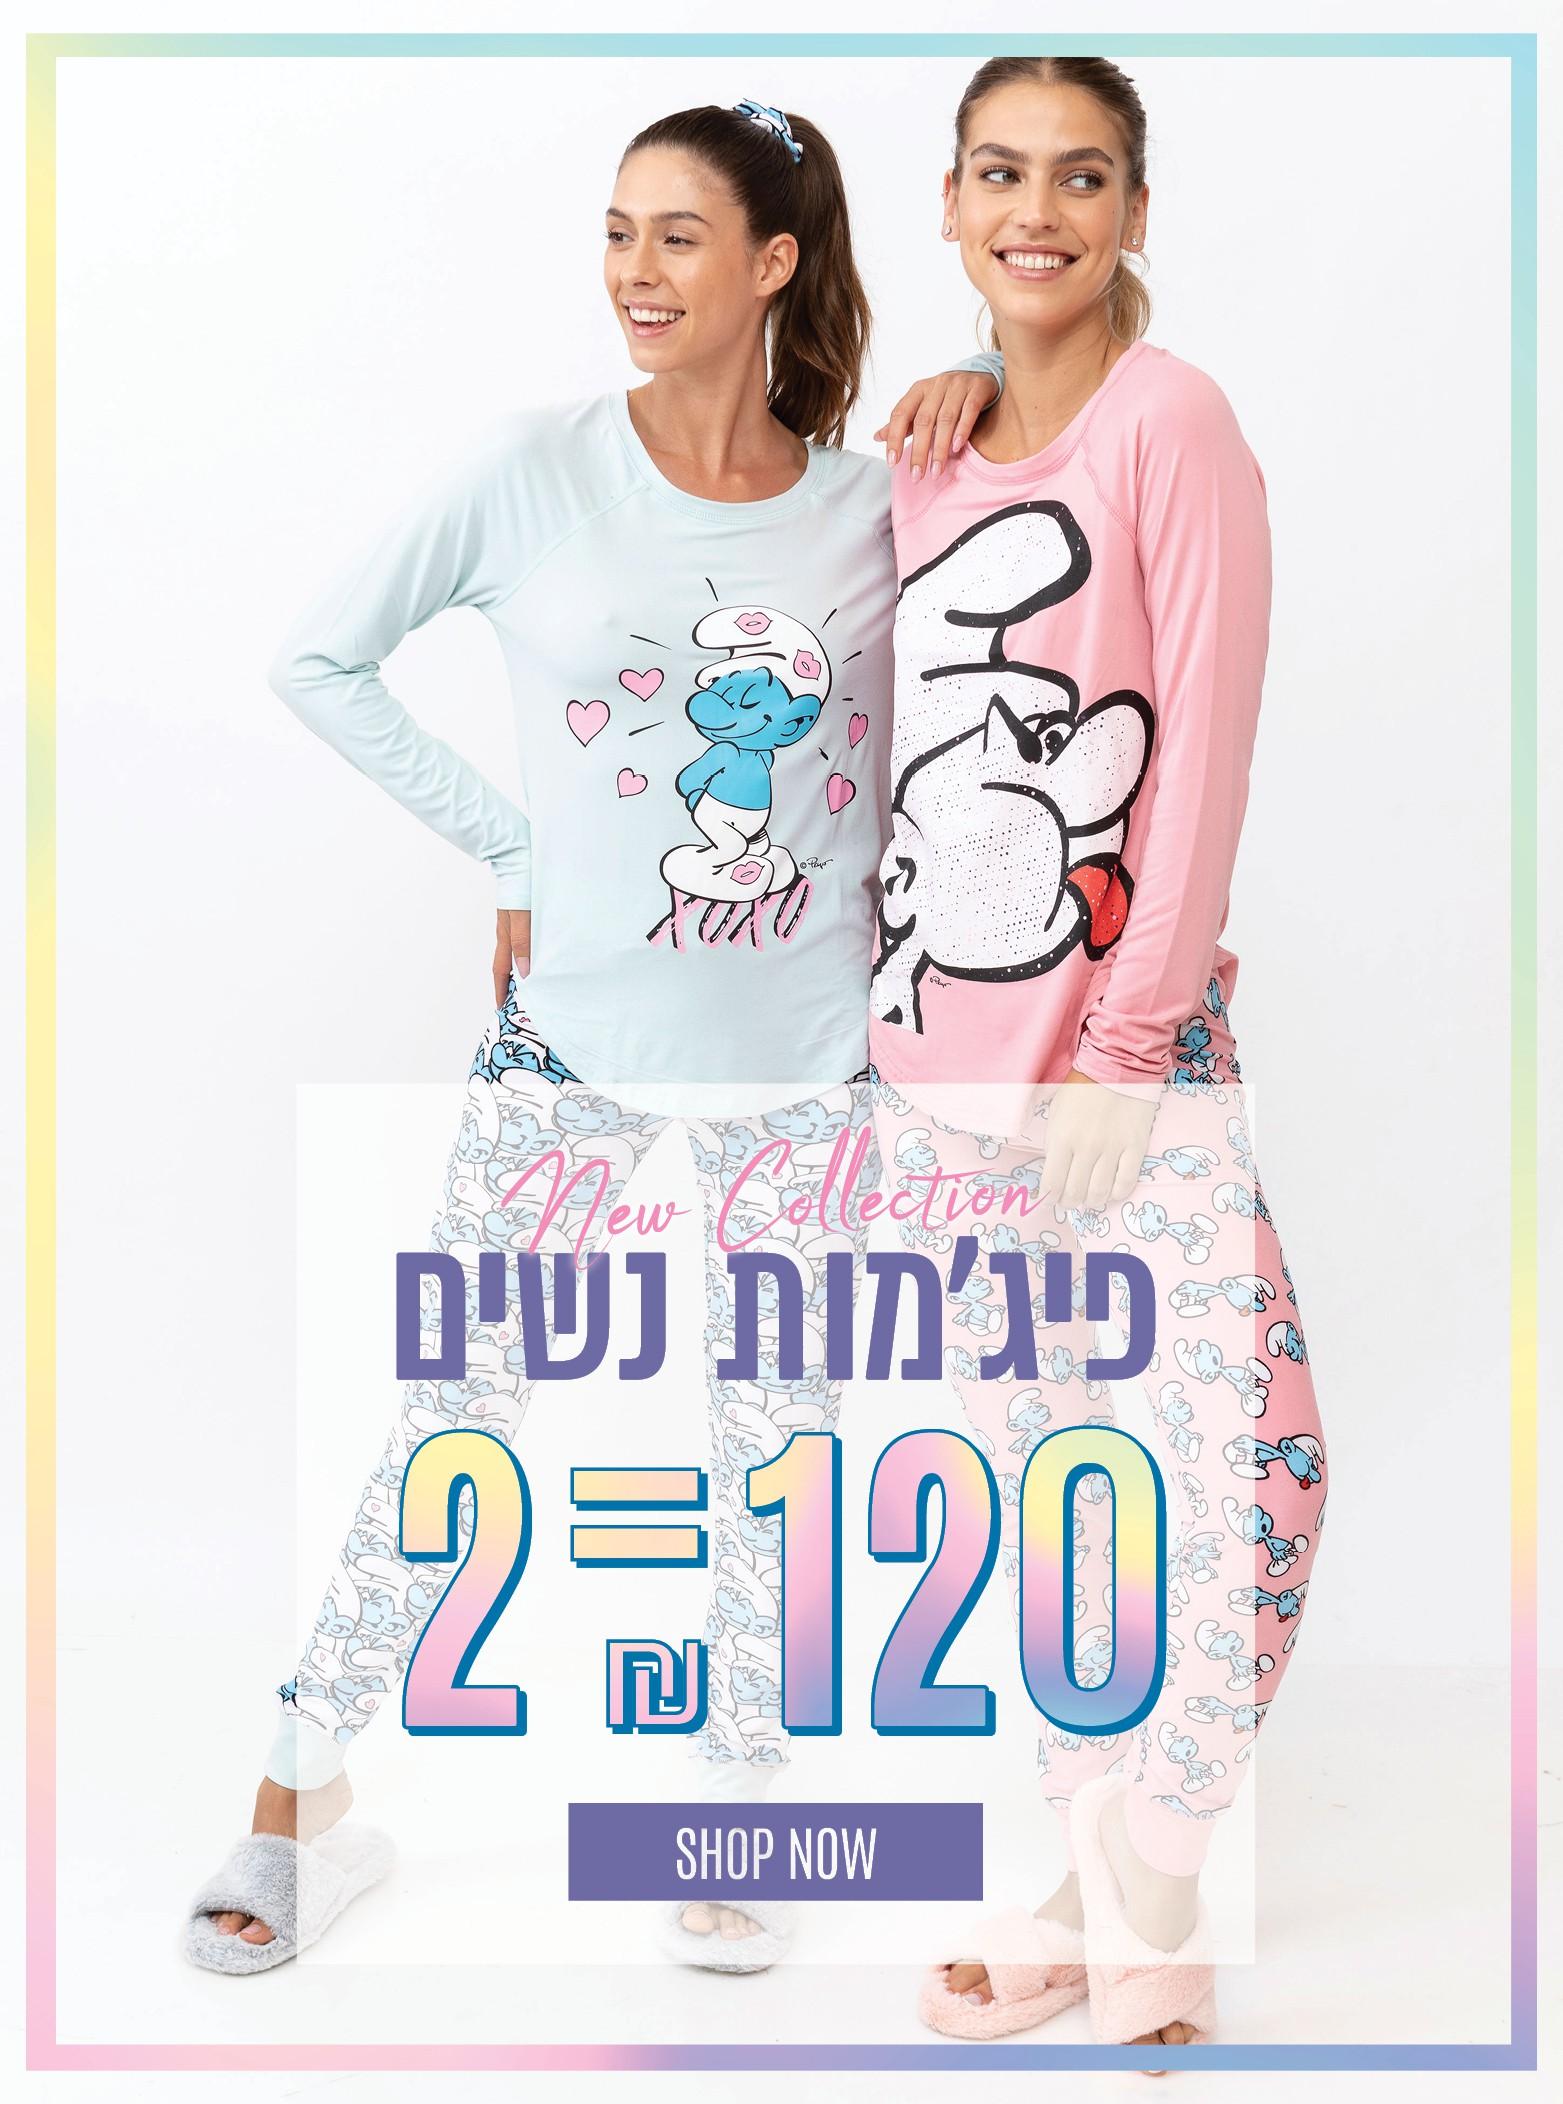 """פיג'מות חדשות 2 ב- 120 ש""""ח"""